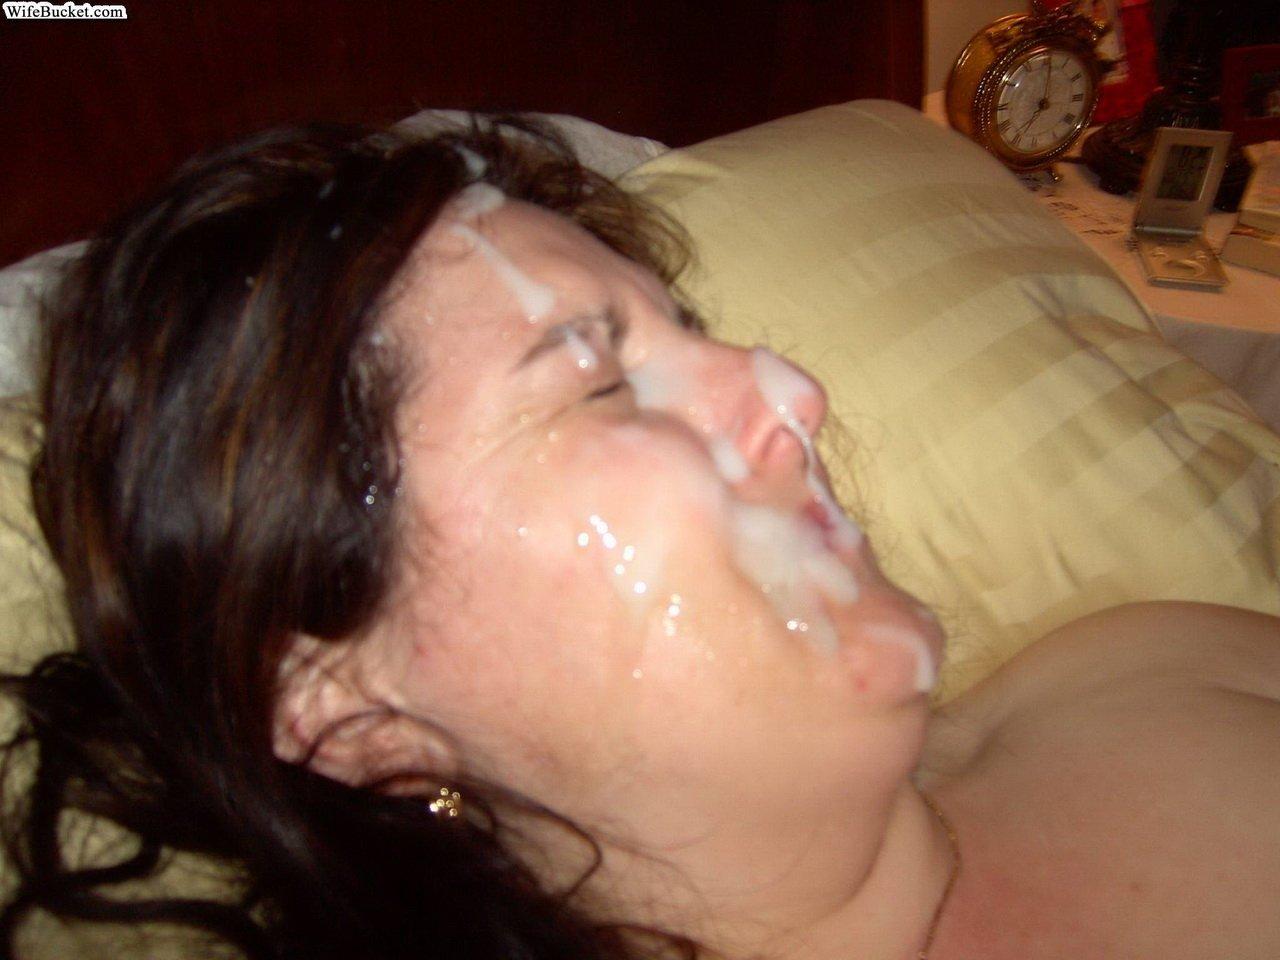 Часное фото конча, Обконченные жены в спермечастные фото дома 13 фотография